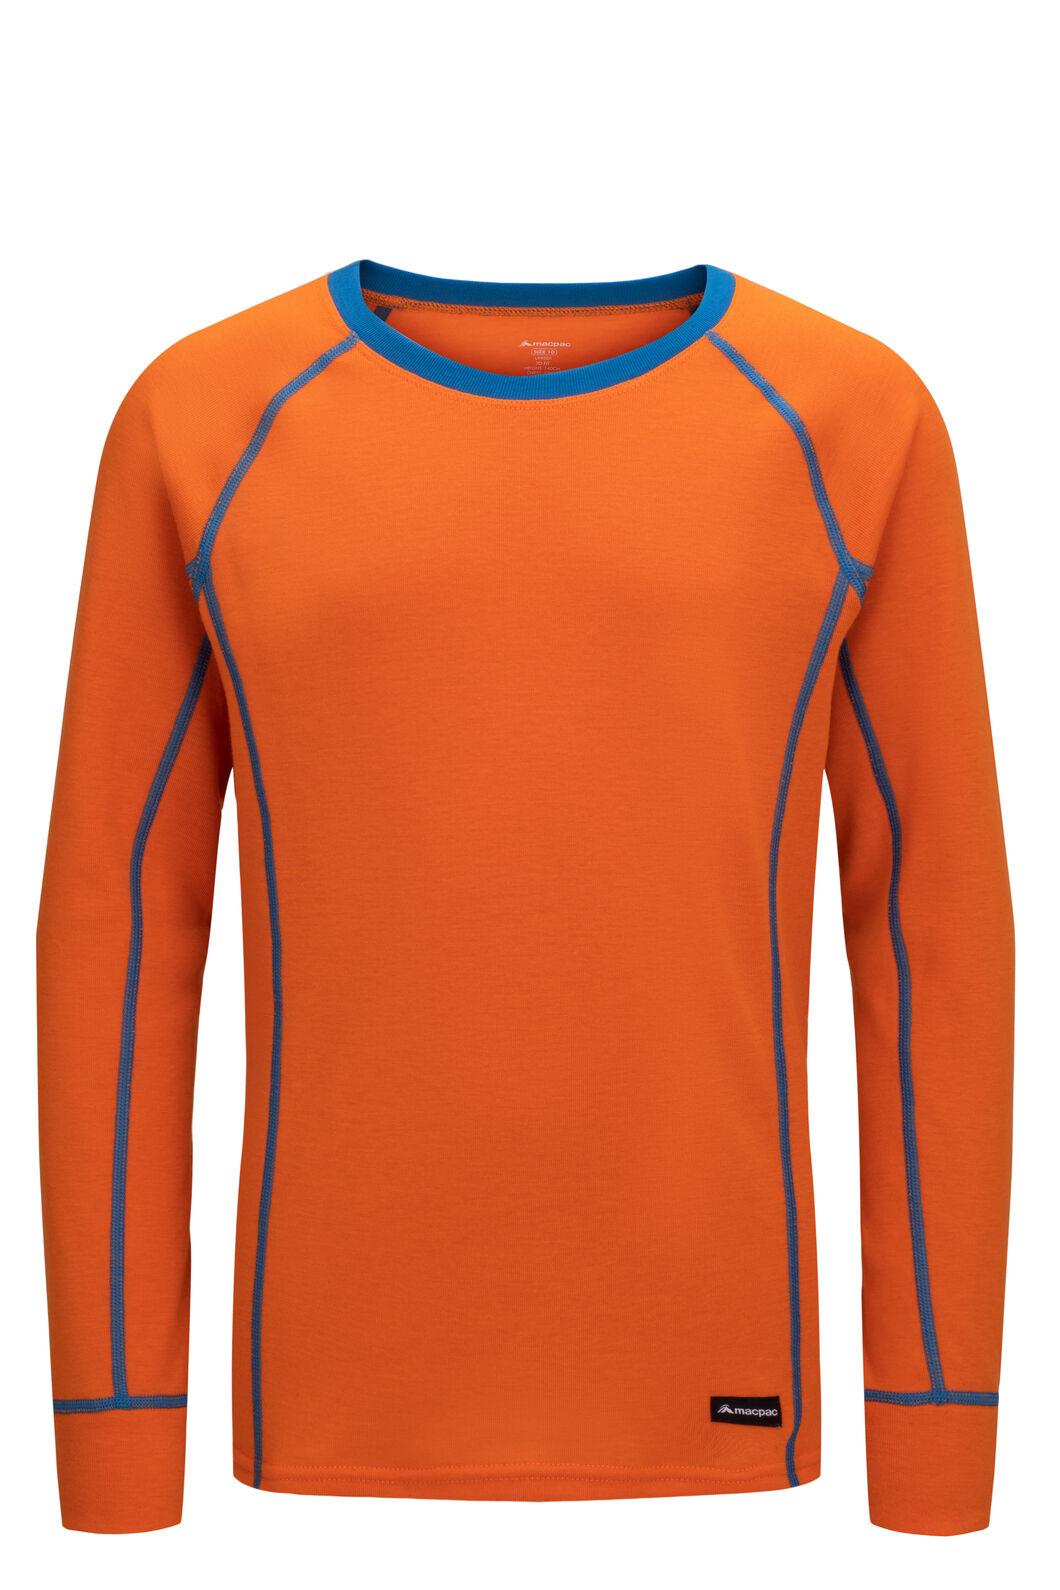 Macpac Kids' Geothermal Long Sleeve Top, Russet Orange, hi-res